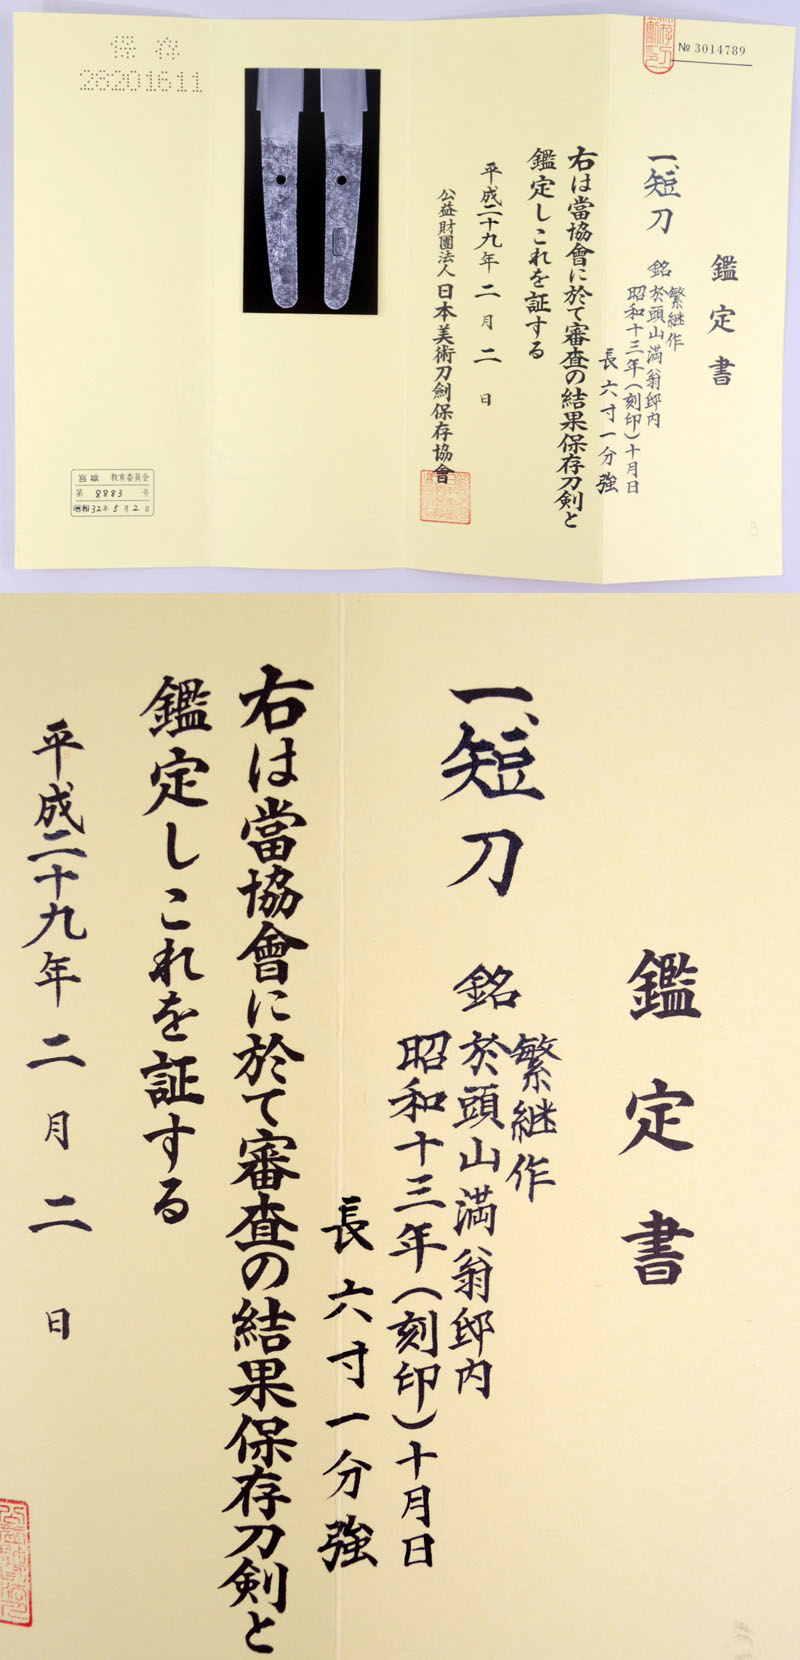 繁継作 (笠間一貫斎繁継)  Picture of Certificate